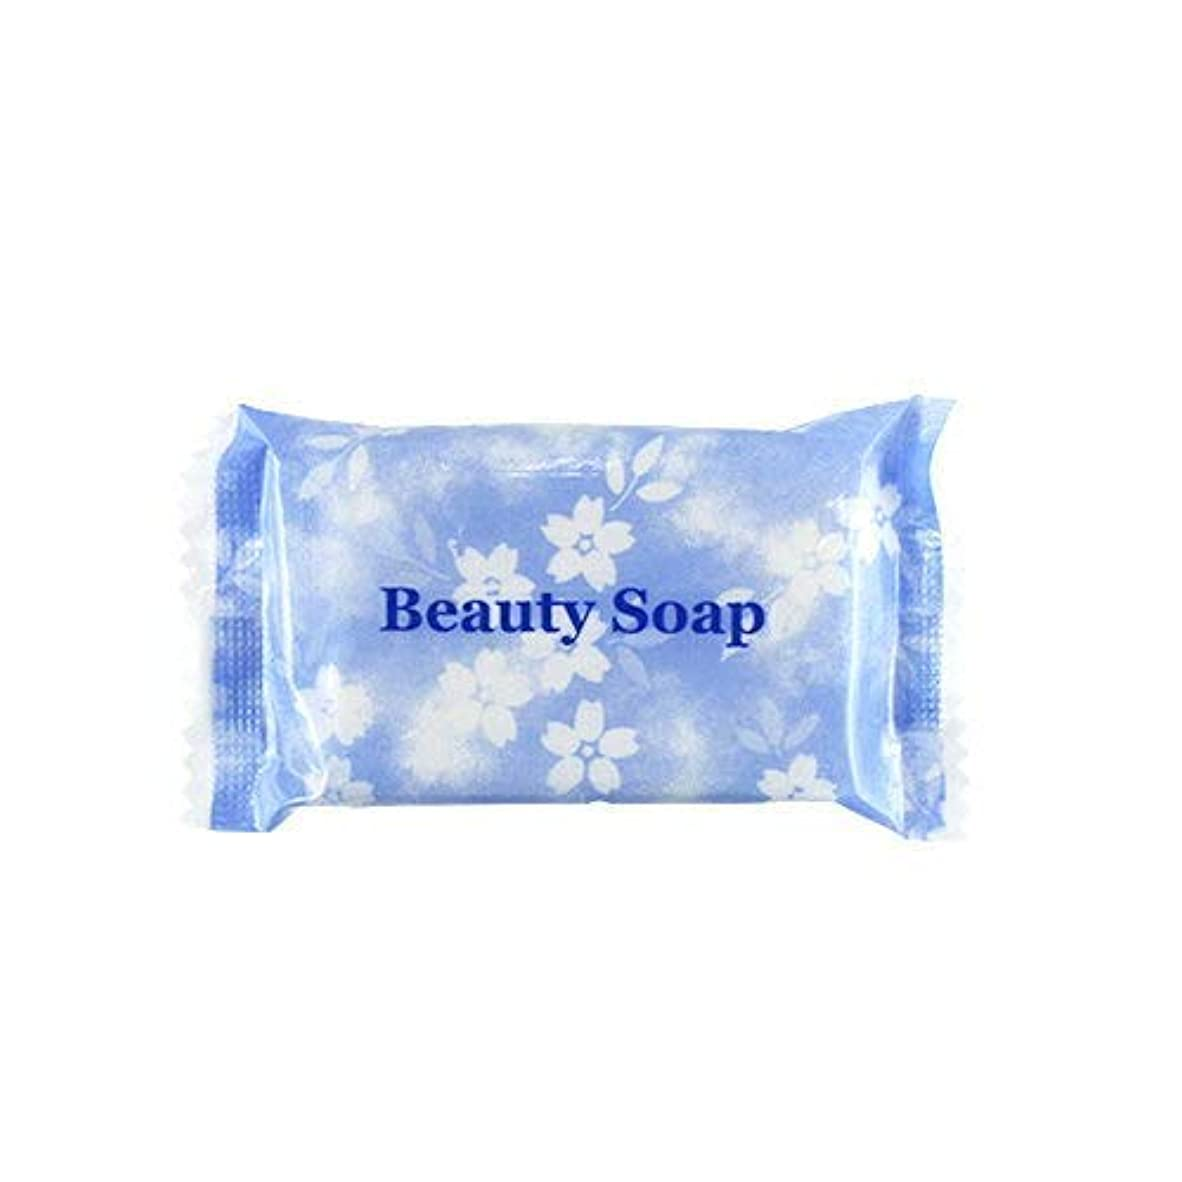 ロビー要求腫瘍業務用 クロバーコーポレーション ビューティーソープ(Beauty Soap) 15g×300個セット | ホテルアメニティ 個包装